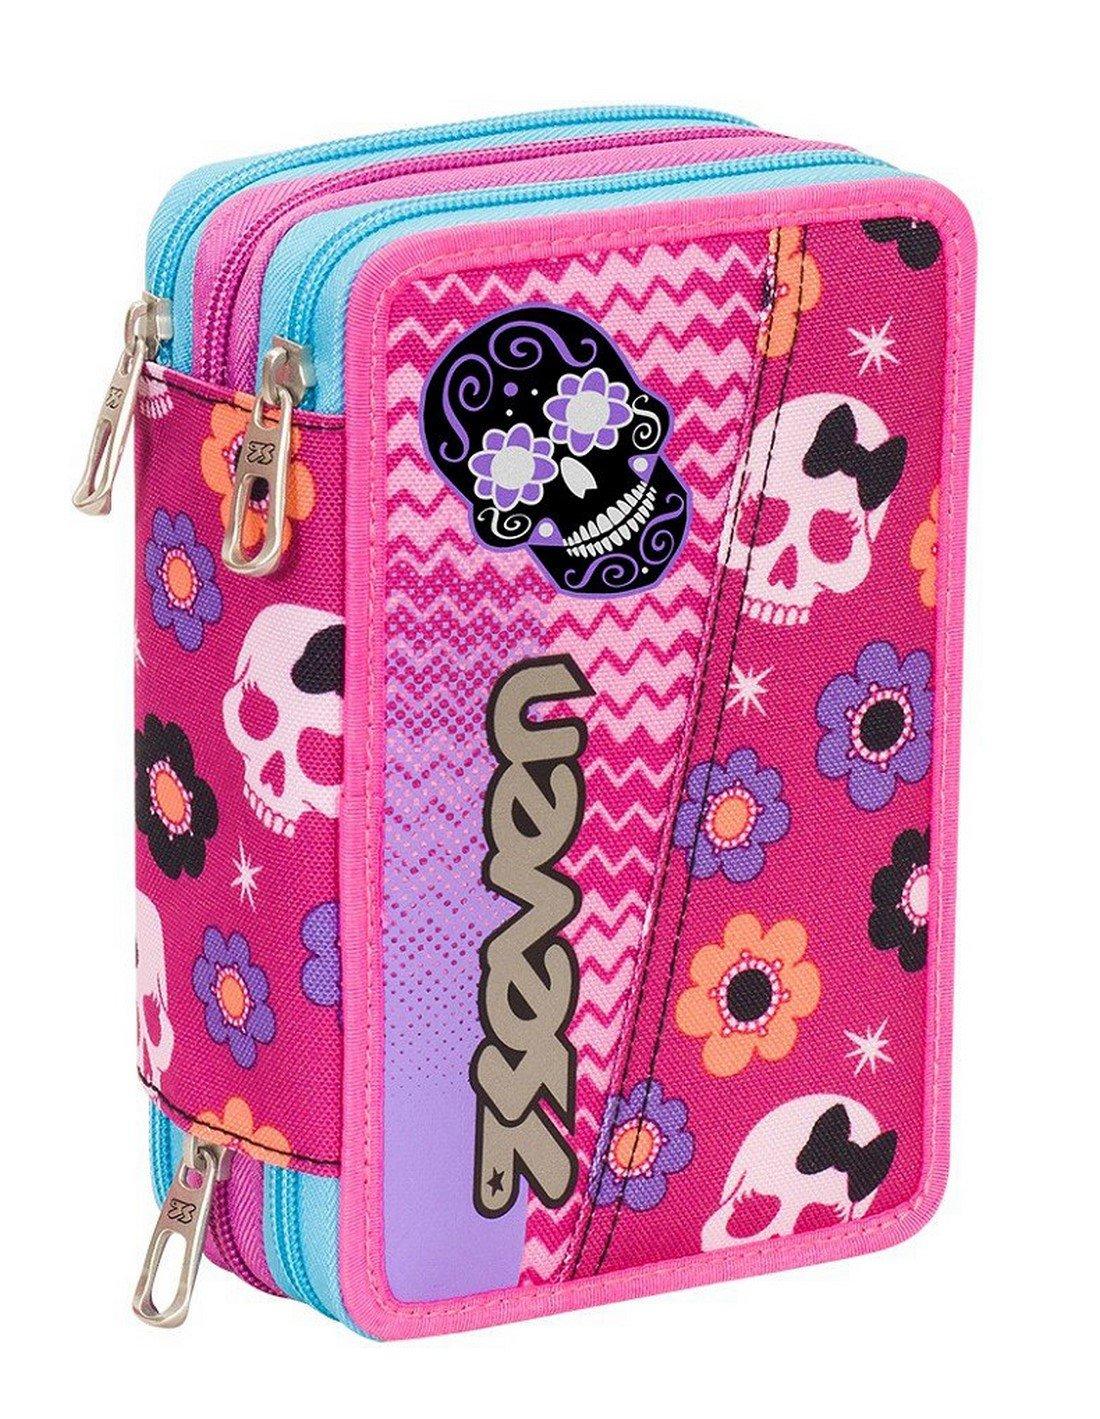 ASTUCCIO scuola SEVEN - MEXI GIRL - 3 scomparti - pennarelli matite gomma ecc.. Rosa Seven S.P.A.